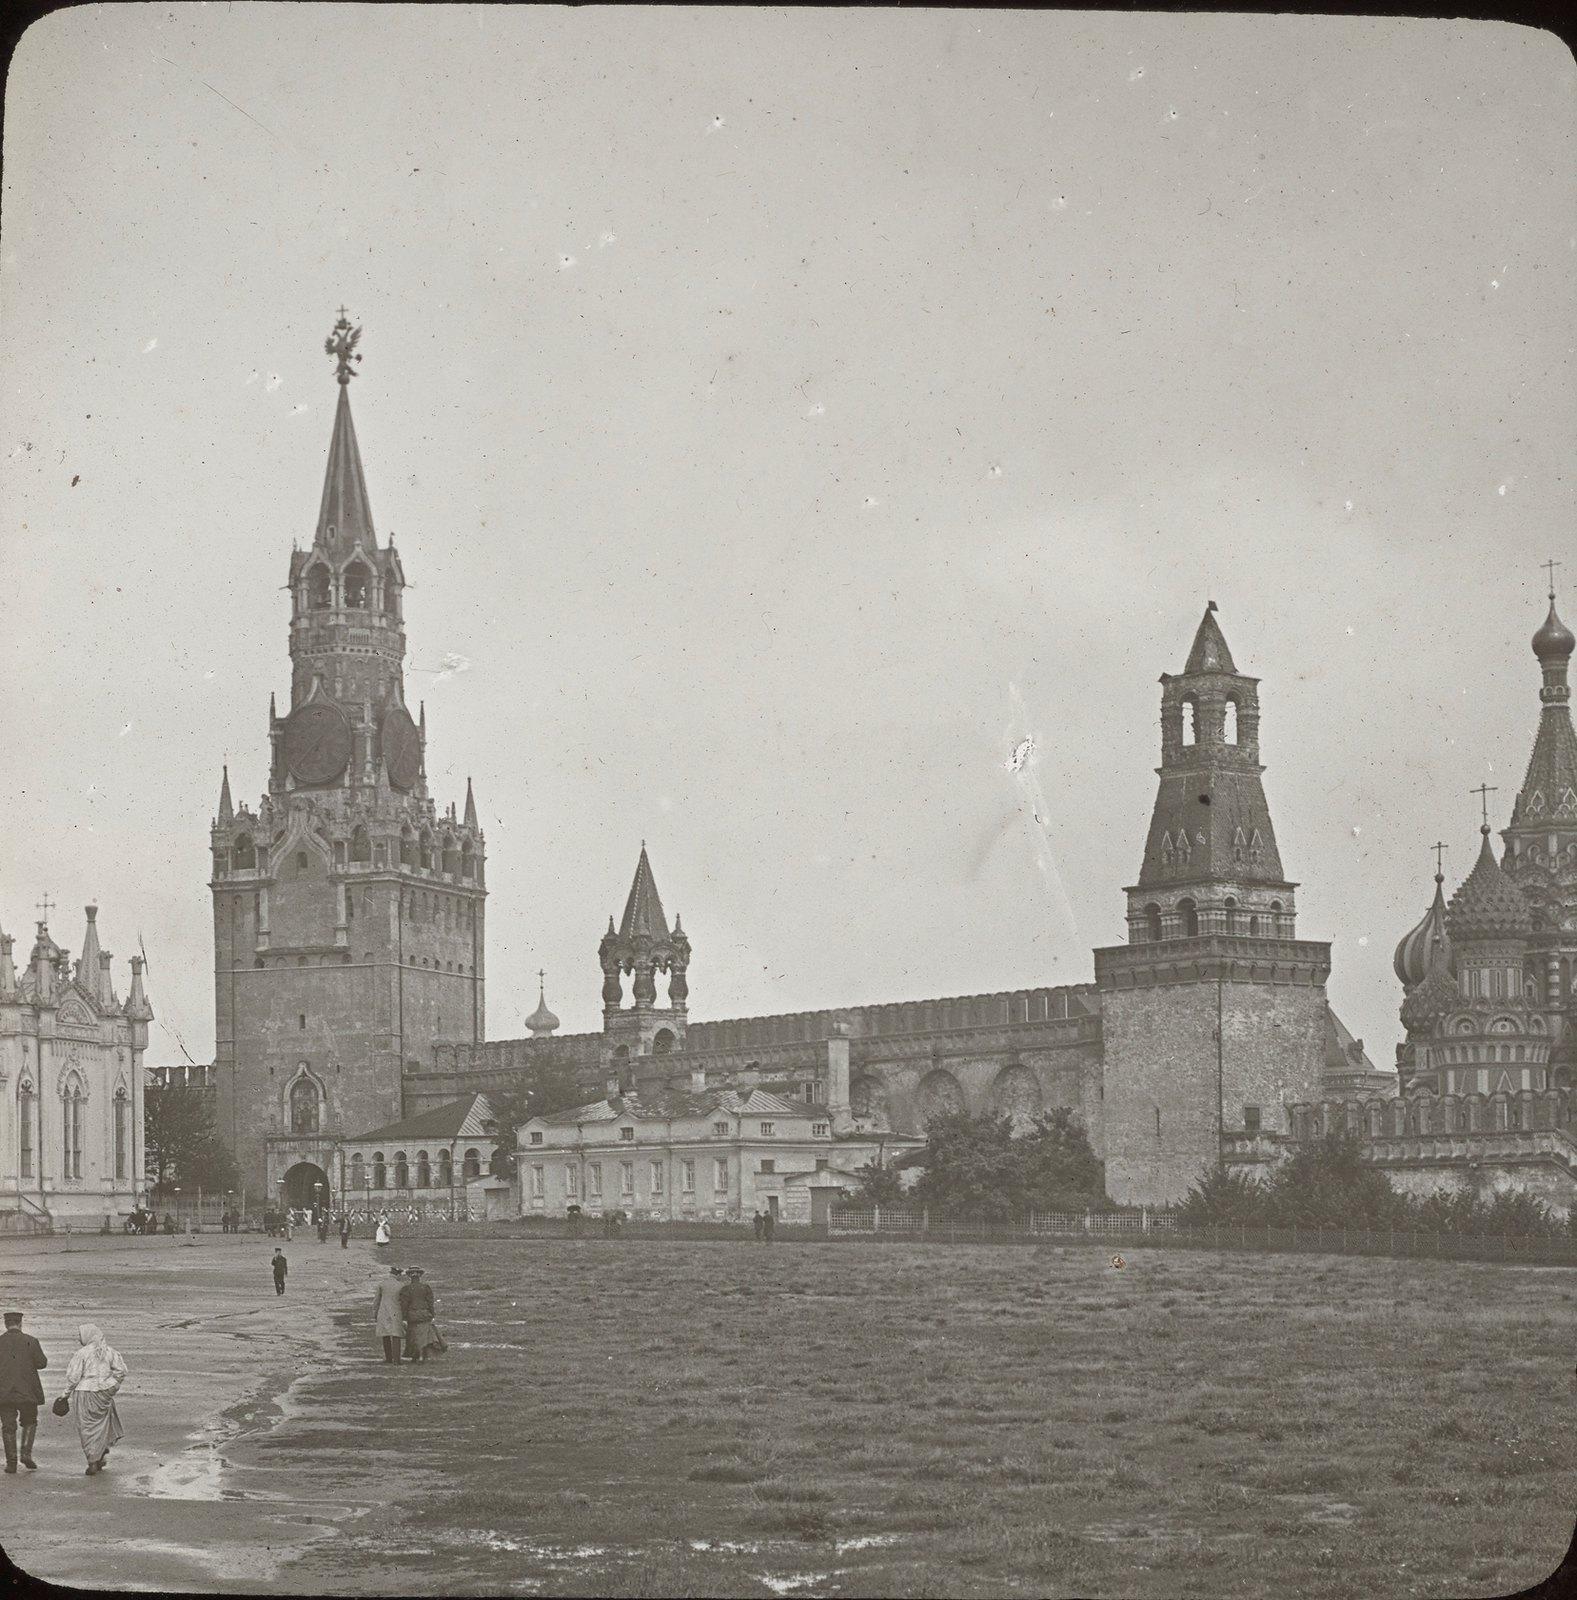 Москва. Храм Василия Блаженного и Спасские ворота изнутри Кремля